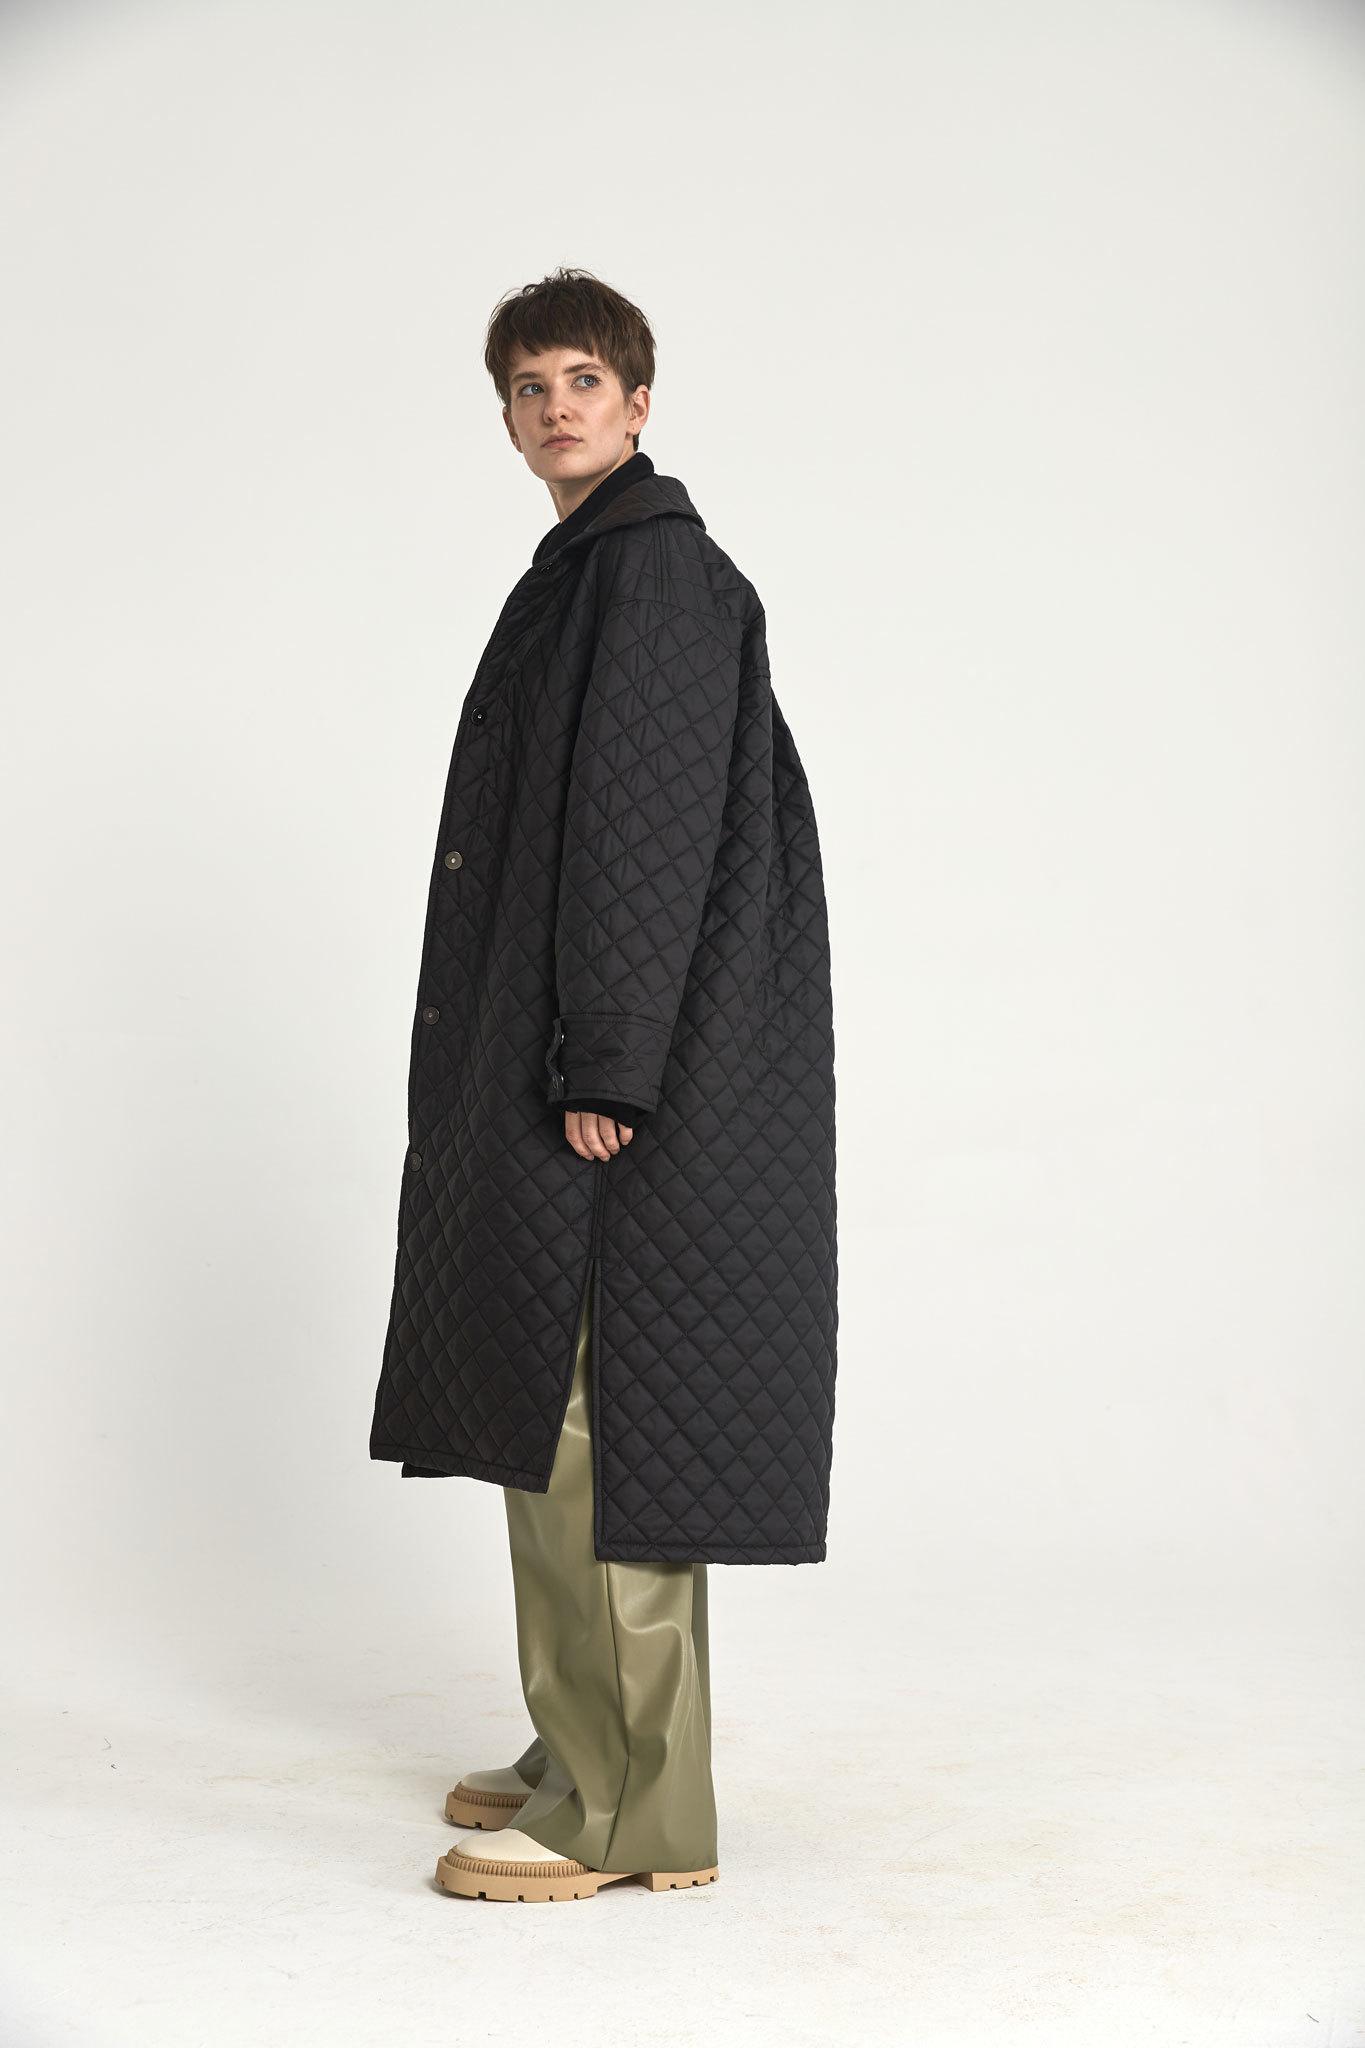 Пальто-рубашка на кнопках стеганое, угольно-черный